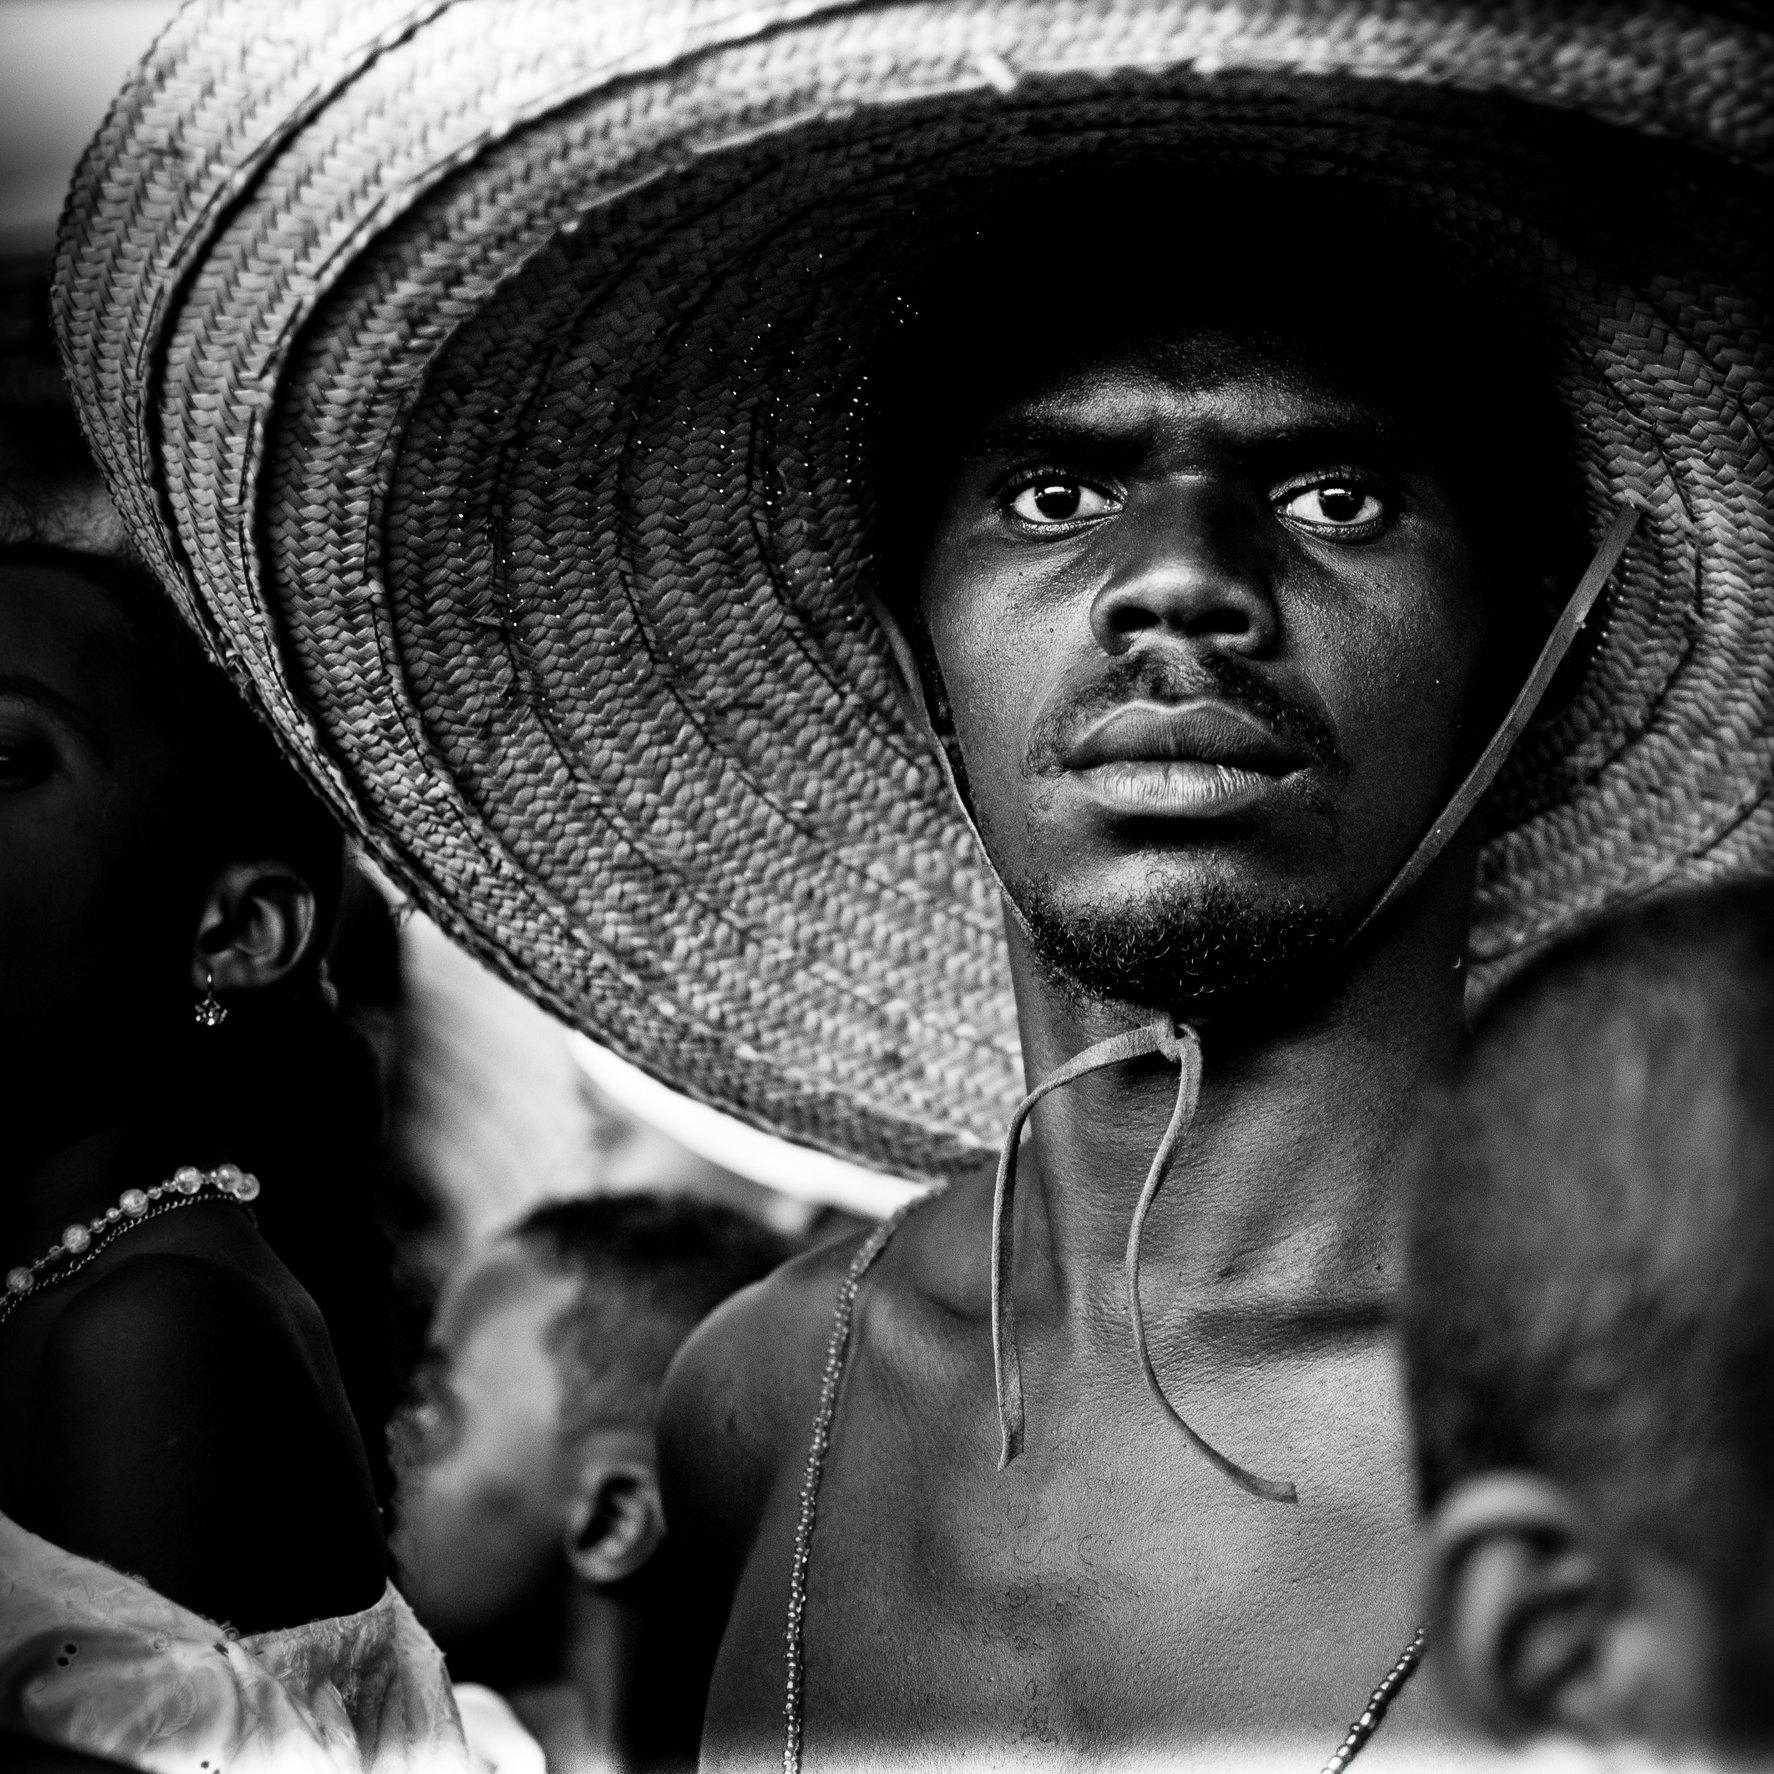 Homem do Recôncavo, Bahia 2011